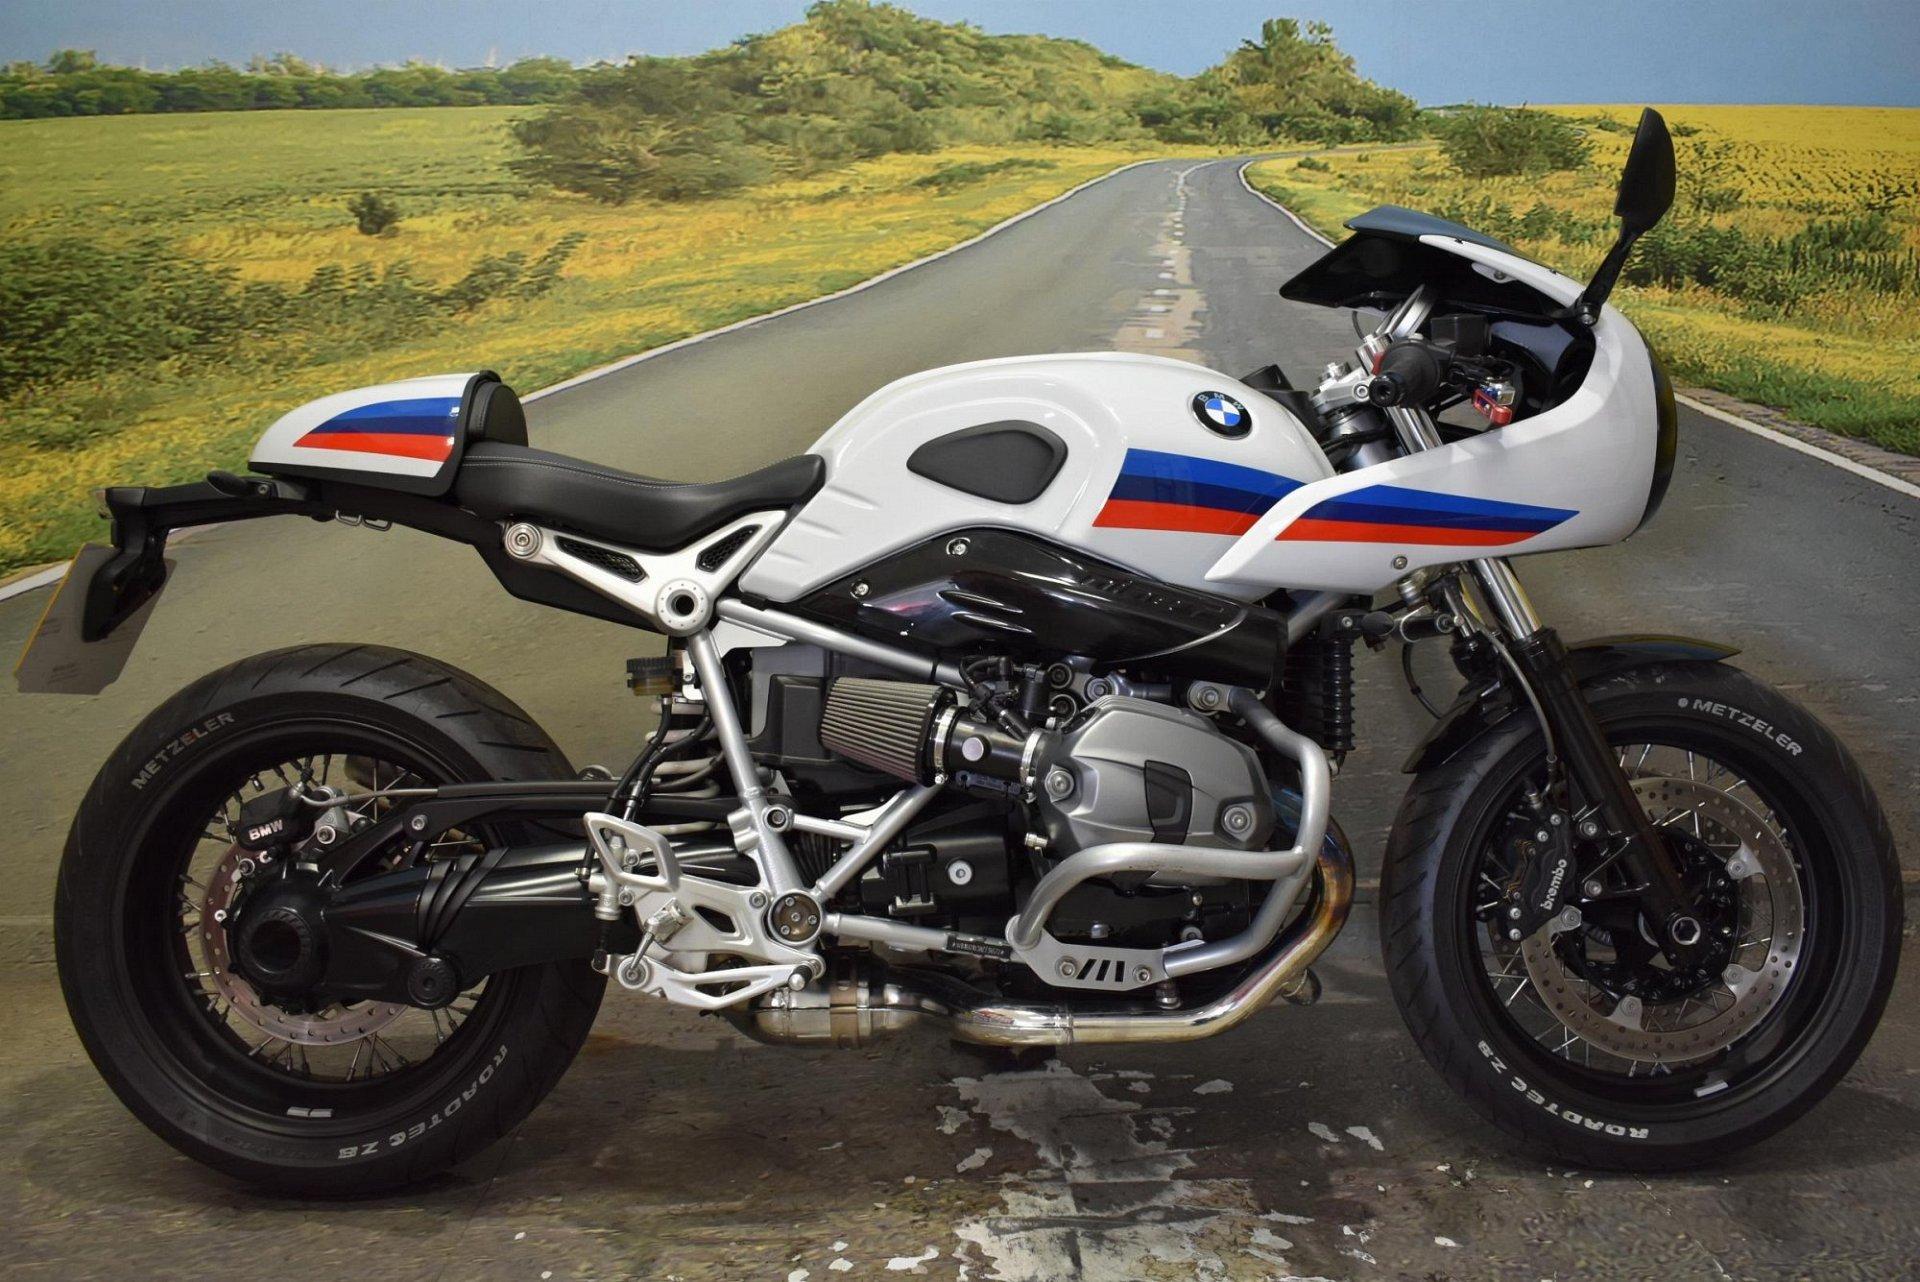 2017 BMW R Nine T Racer for sale in Derbyshire